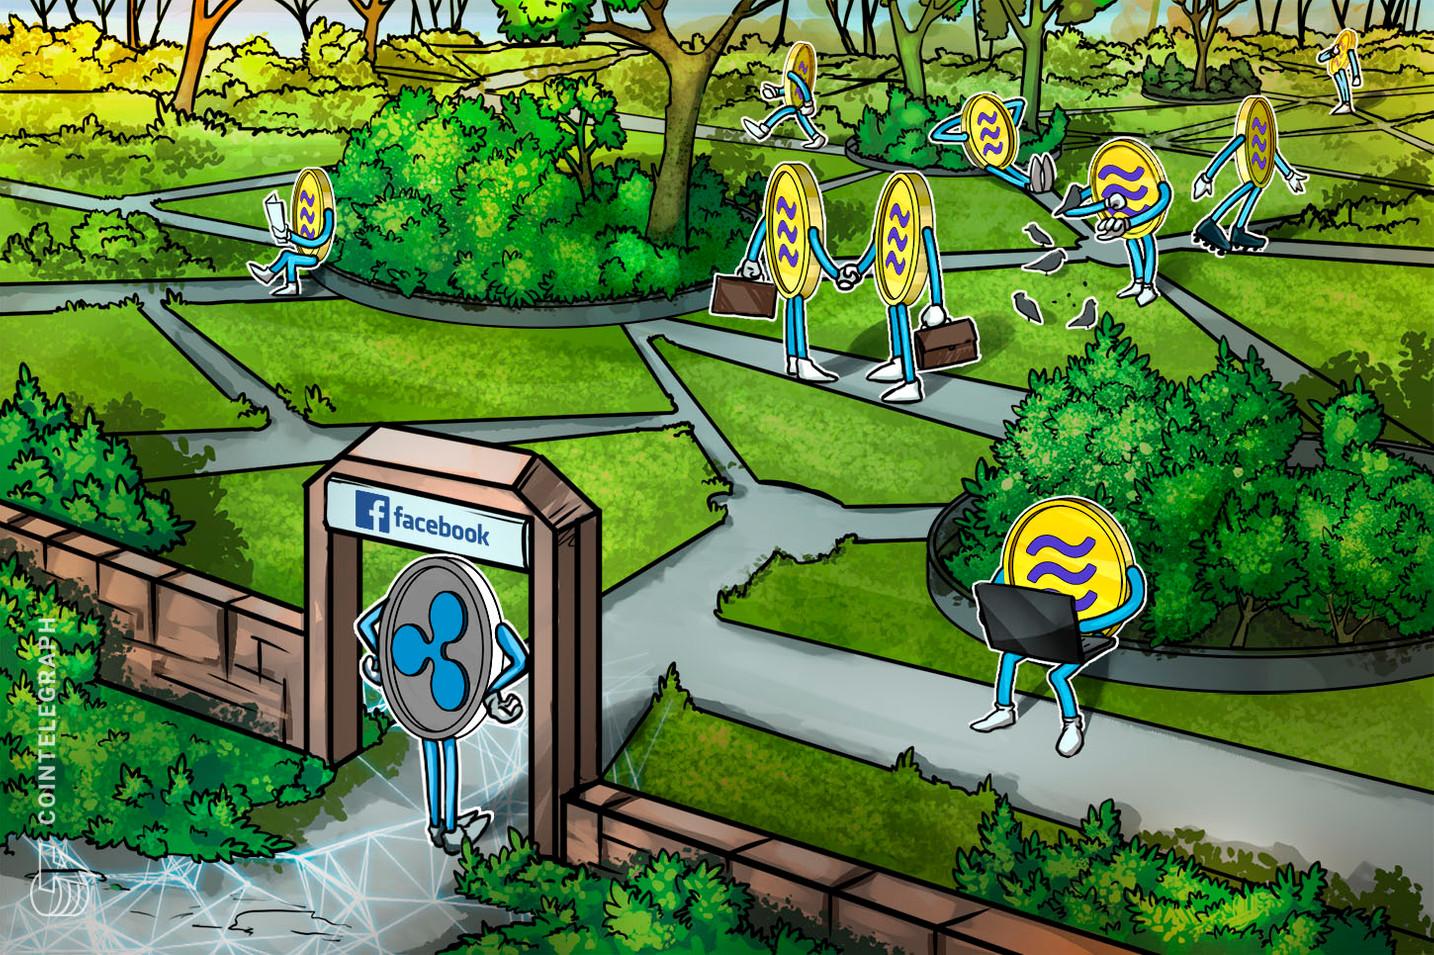 リップル幹部、仮想通貨リブラを「壁に囲まれた庭」と批判